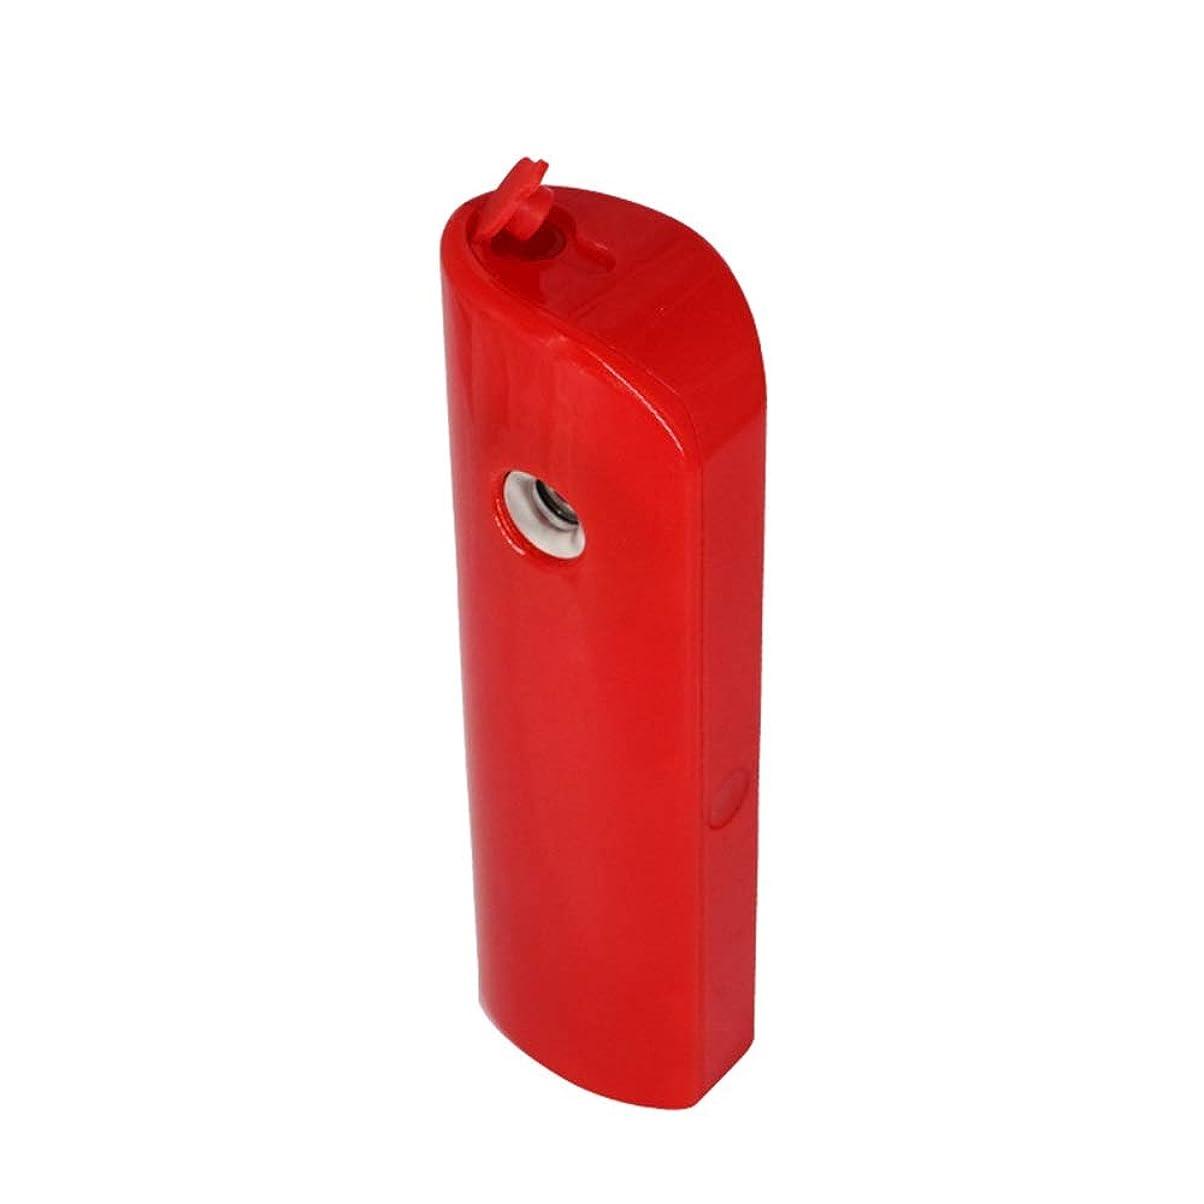 選択逃す懇願するZXF 新しいポータブルハンドヘルドabs材料水和機器美容機器顔の加湿スプレー機器ナノマイナスイオン水和機器充電宝物赤 滑らかである